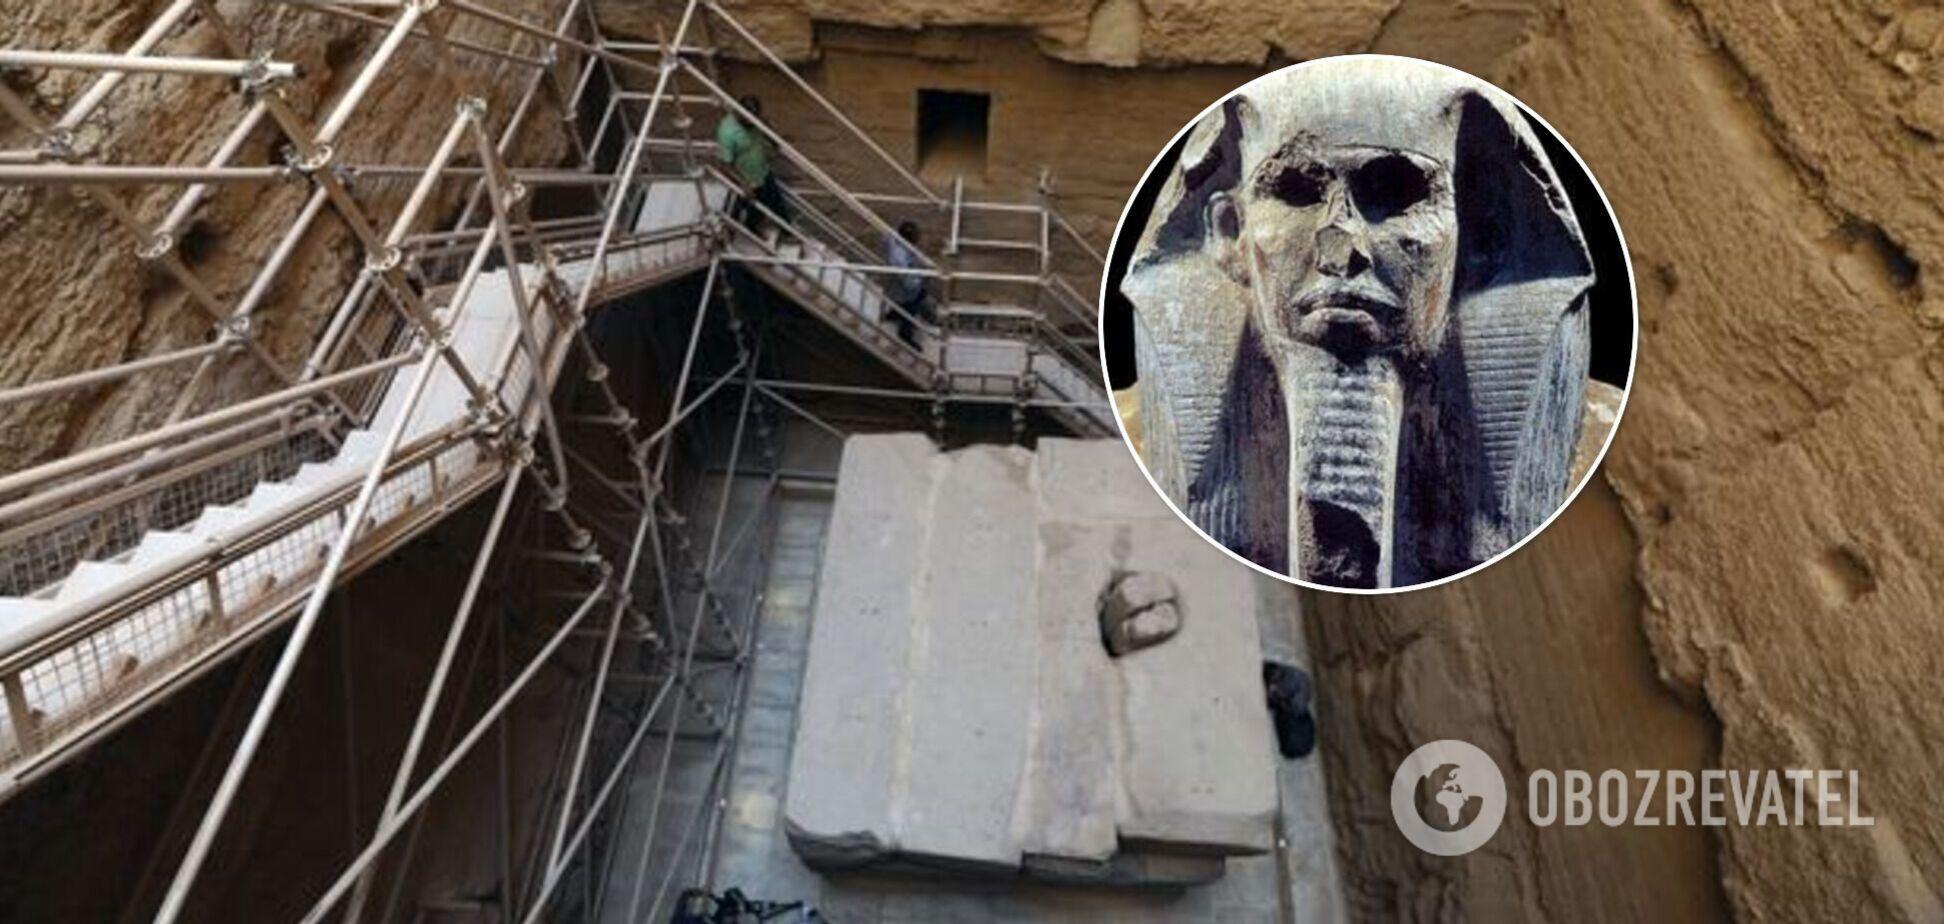 В Єгипті відкрили гробницю фараона Джосера: що там усередині